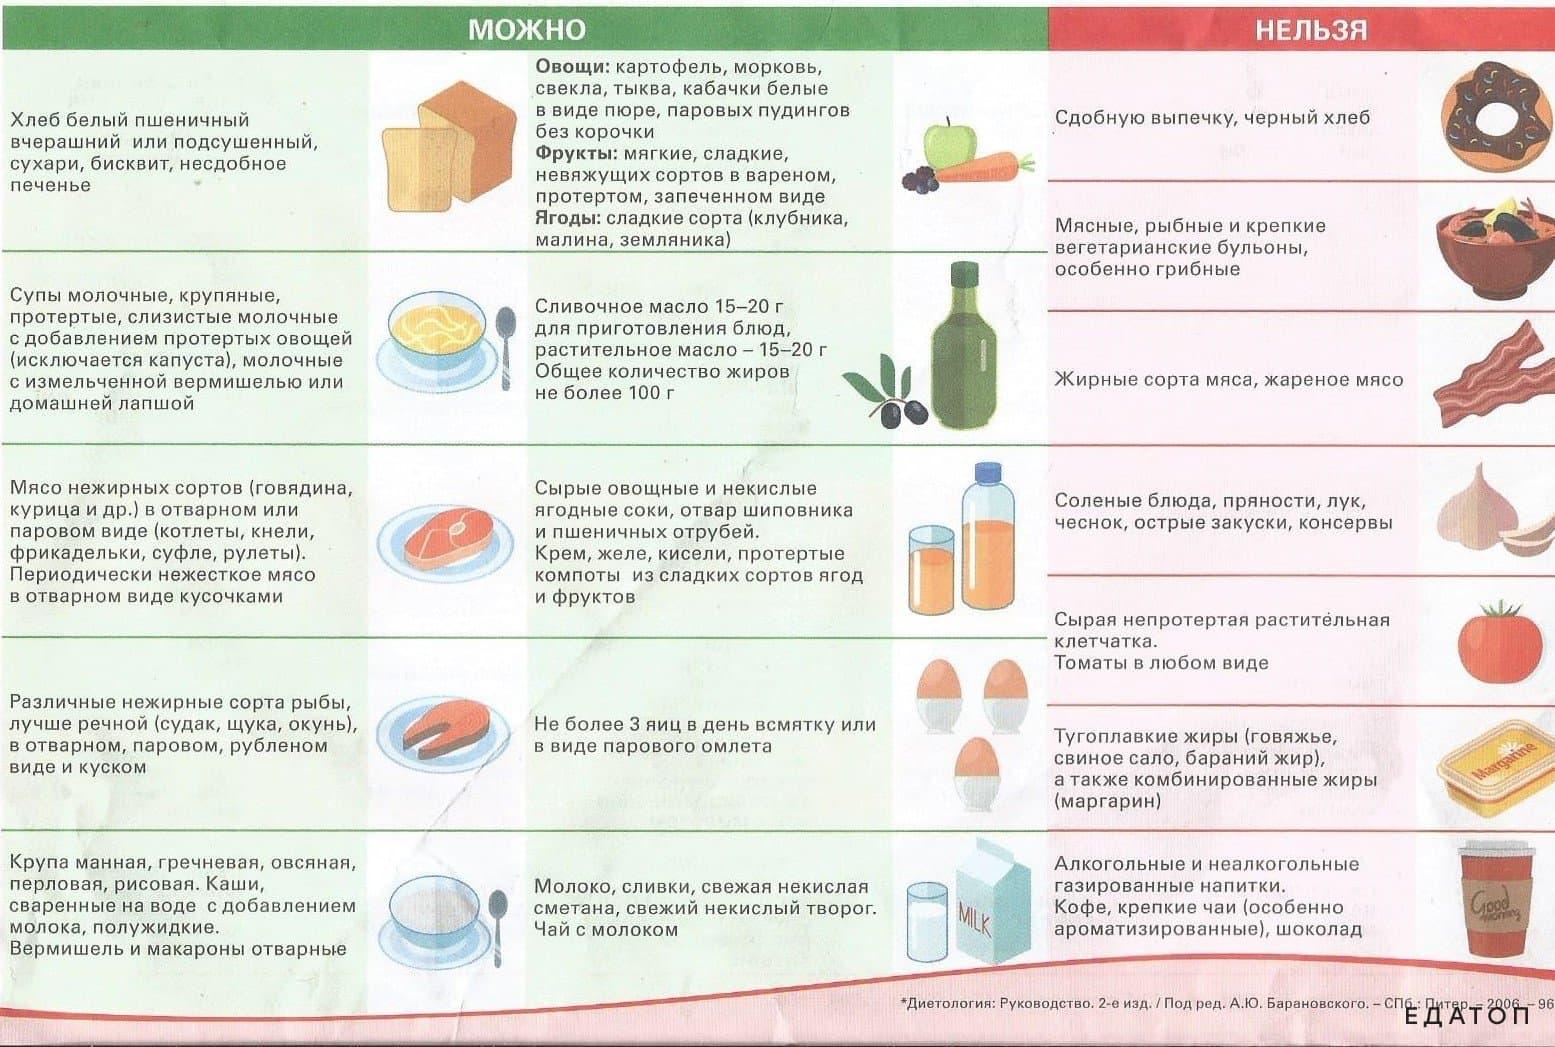 Таблица того, что можно есть, а что нельзя.